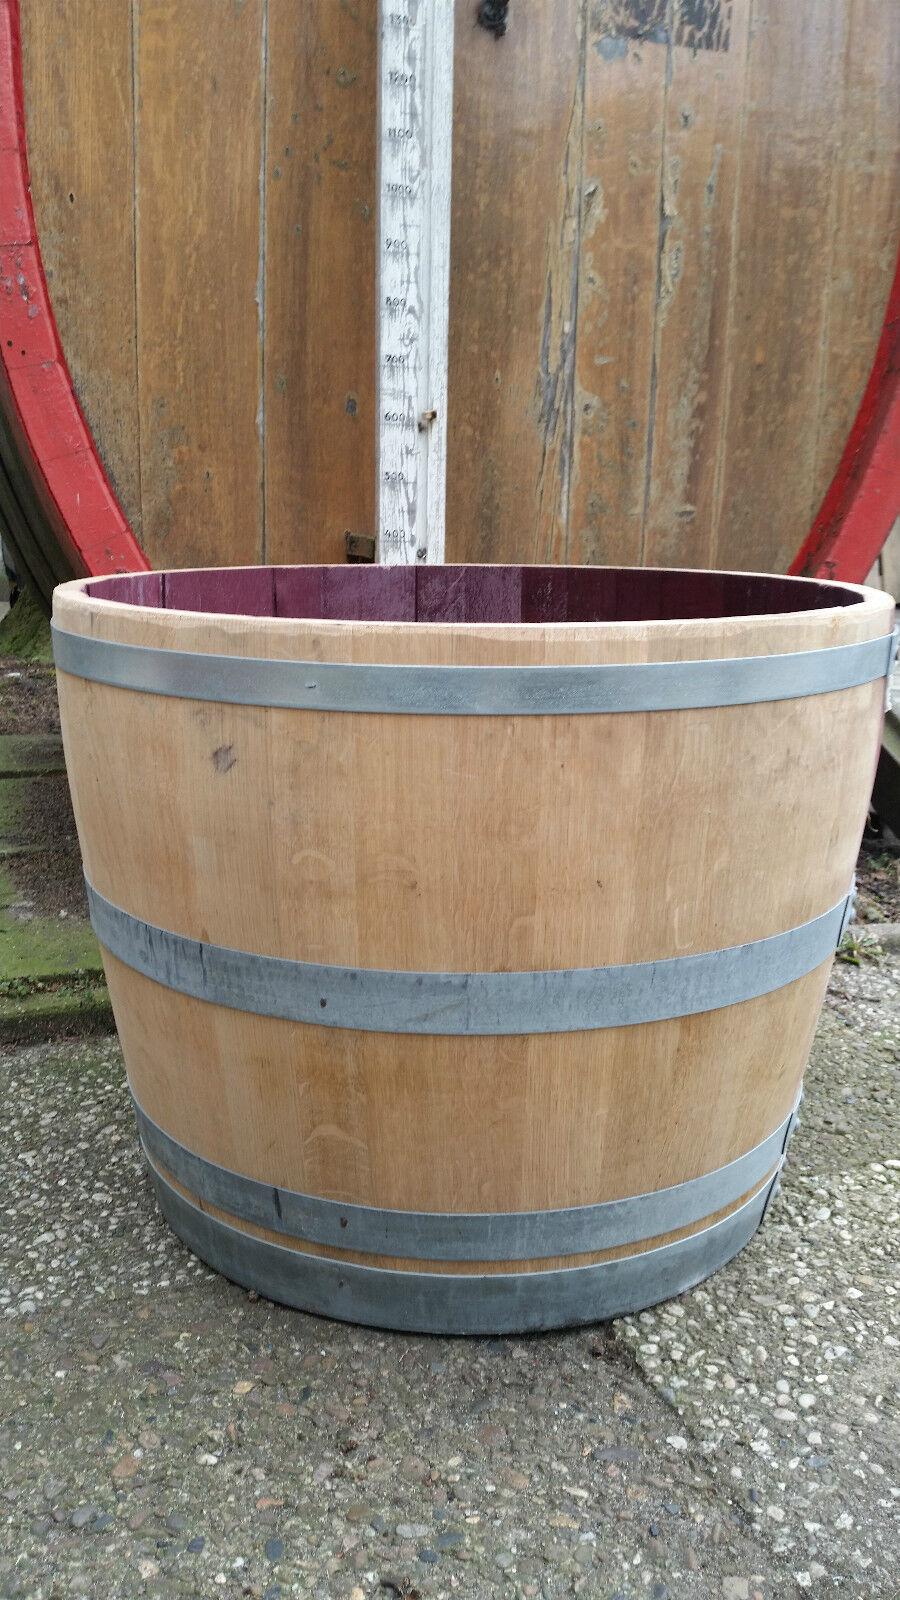 2 3 Faß 70 54 cm,(2-3Jahre)Miniteich Blaumenkübel Weinfaß Eichenkübel Pflanzkübel